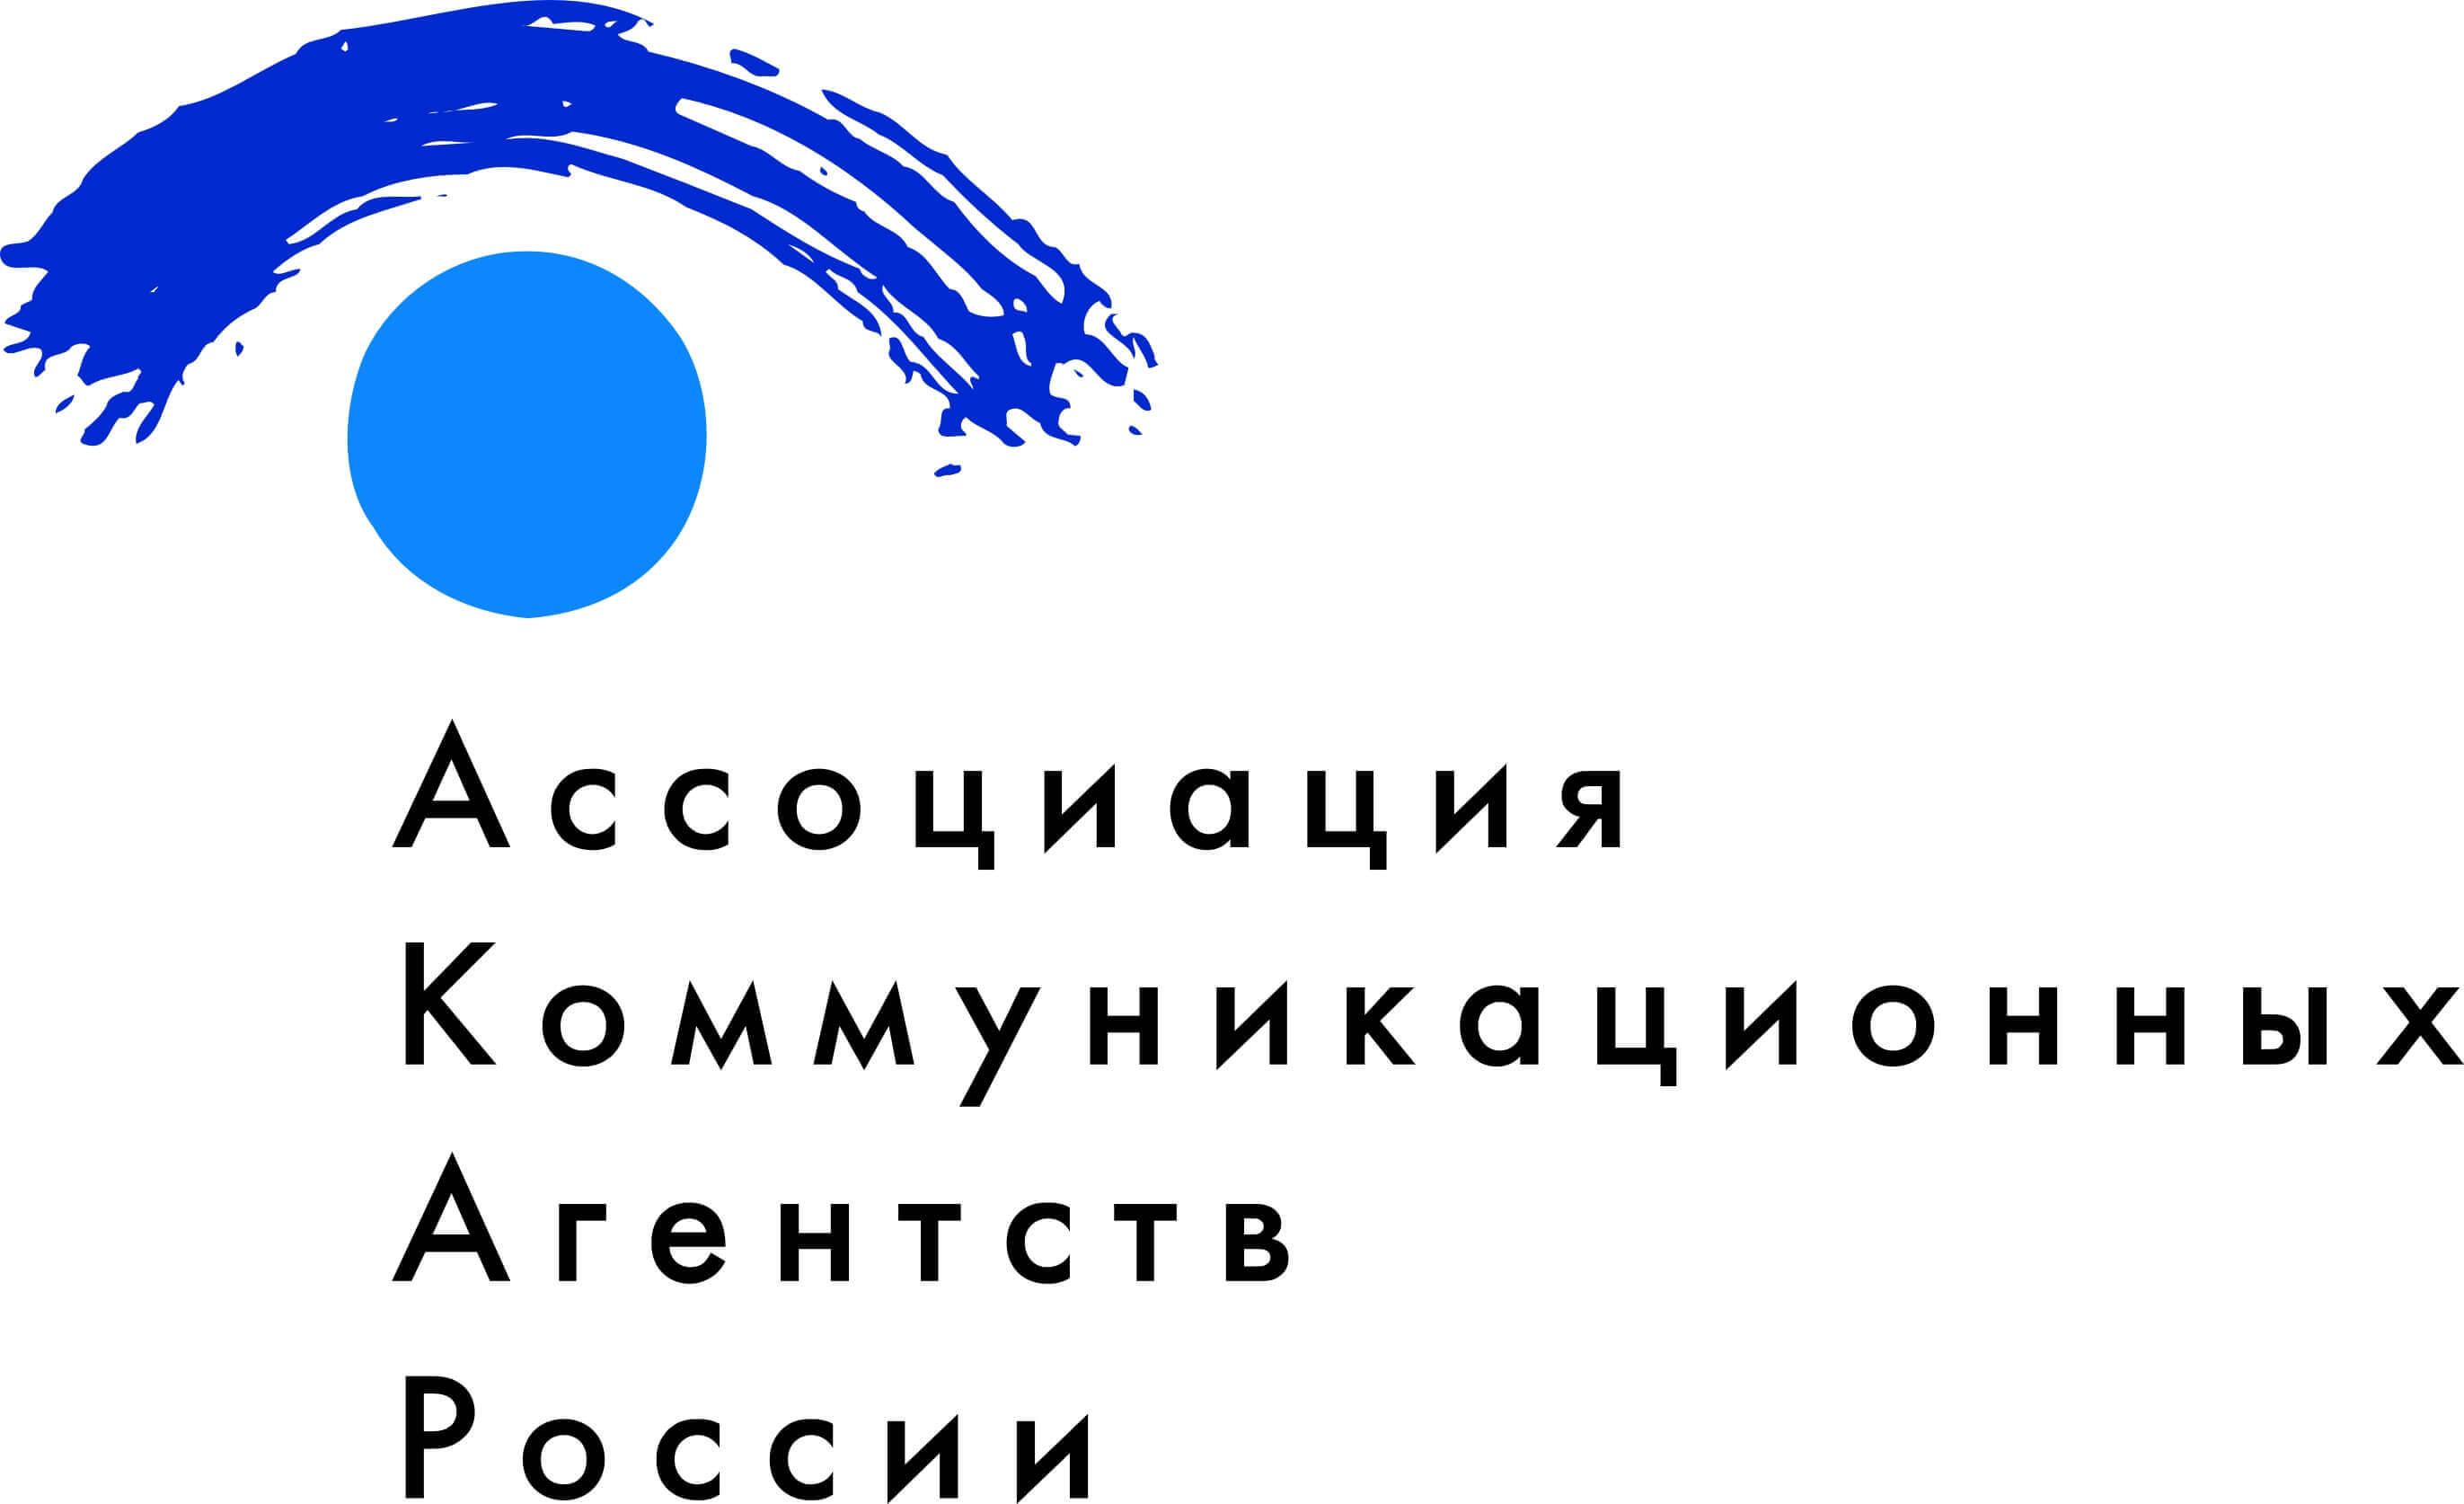 Опубликованы итоги развития рекламного рынка России за первые три квартала 2016 года